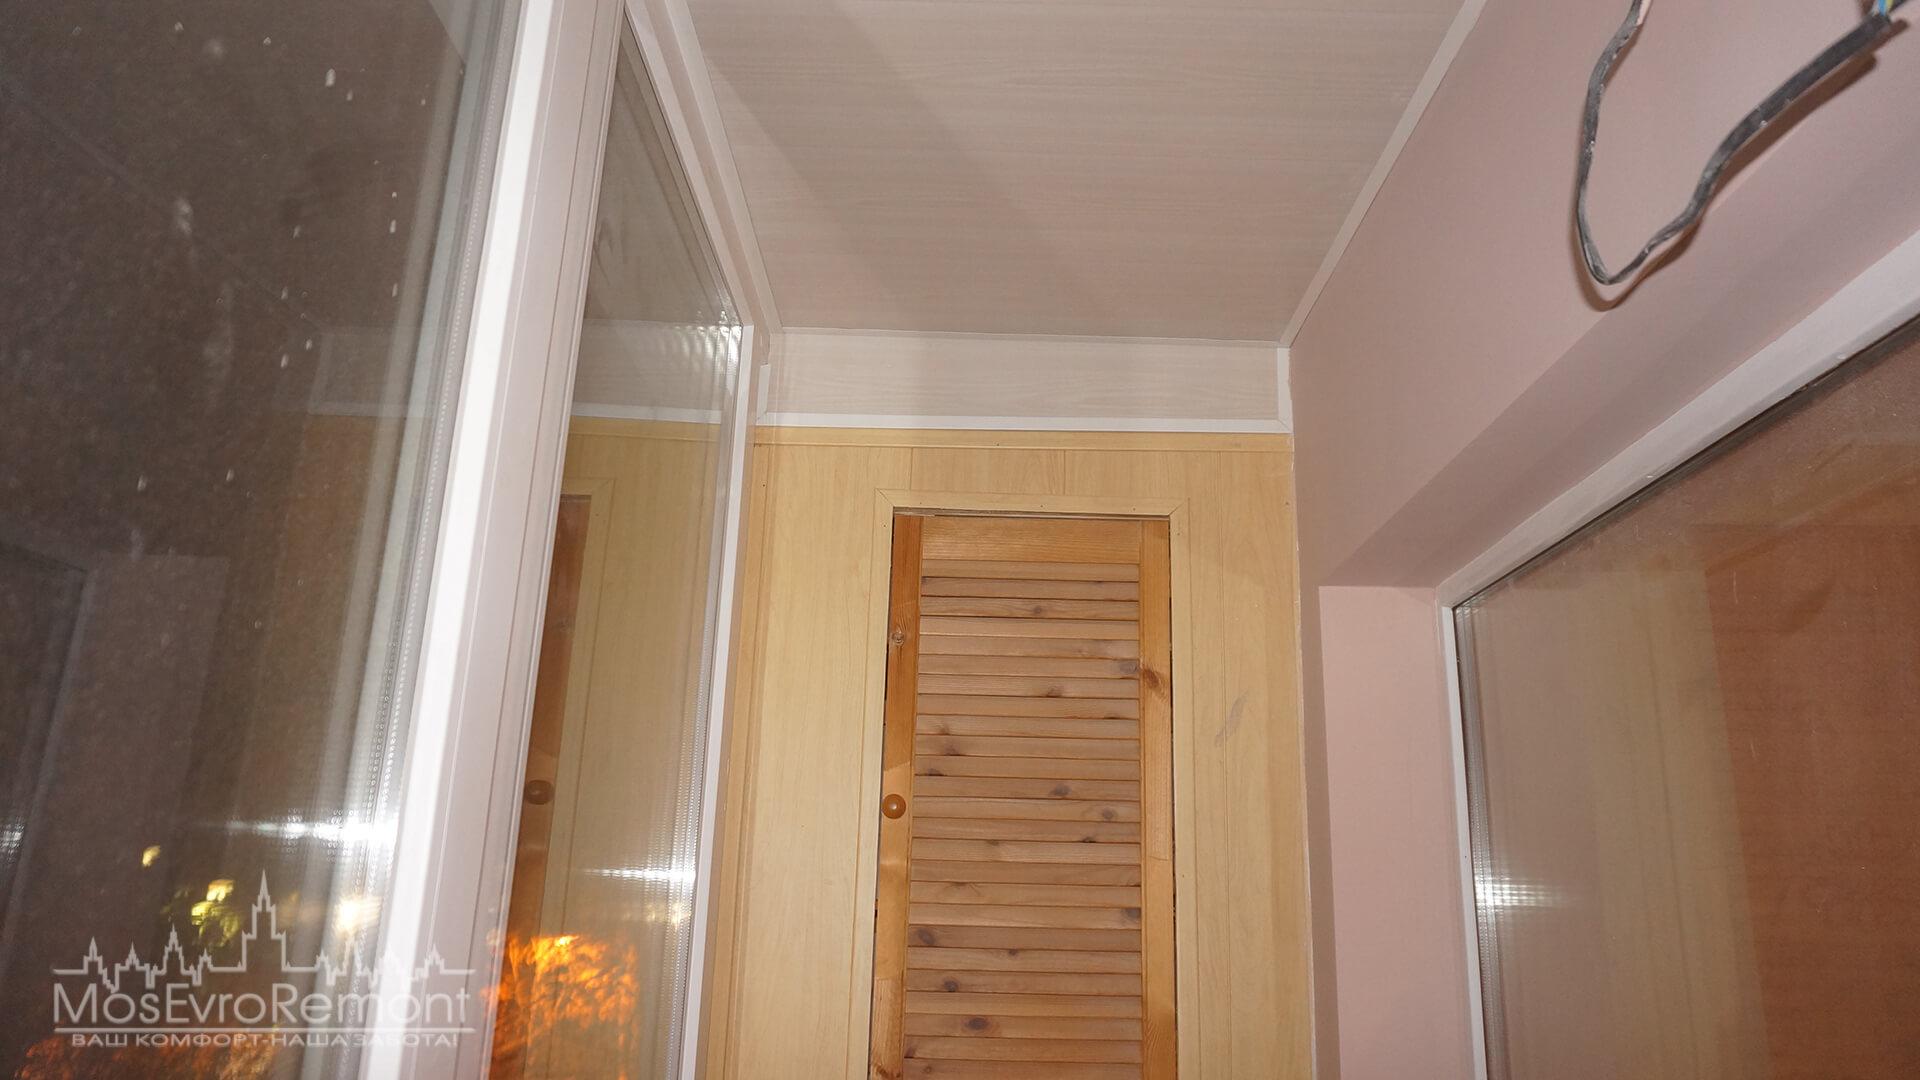 Ремонт квартиры под ключ цена за квадратный метр от 2500 руб